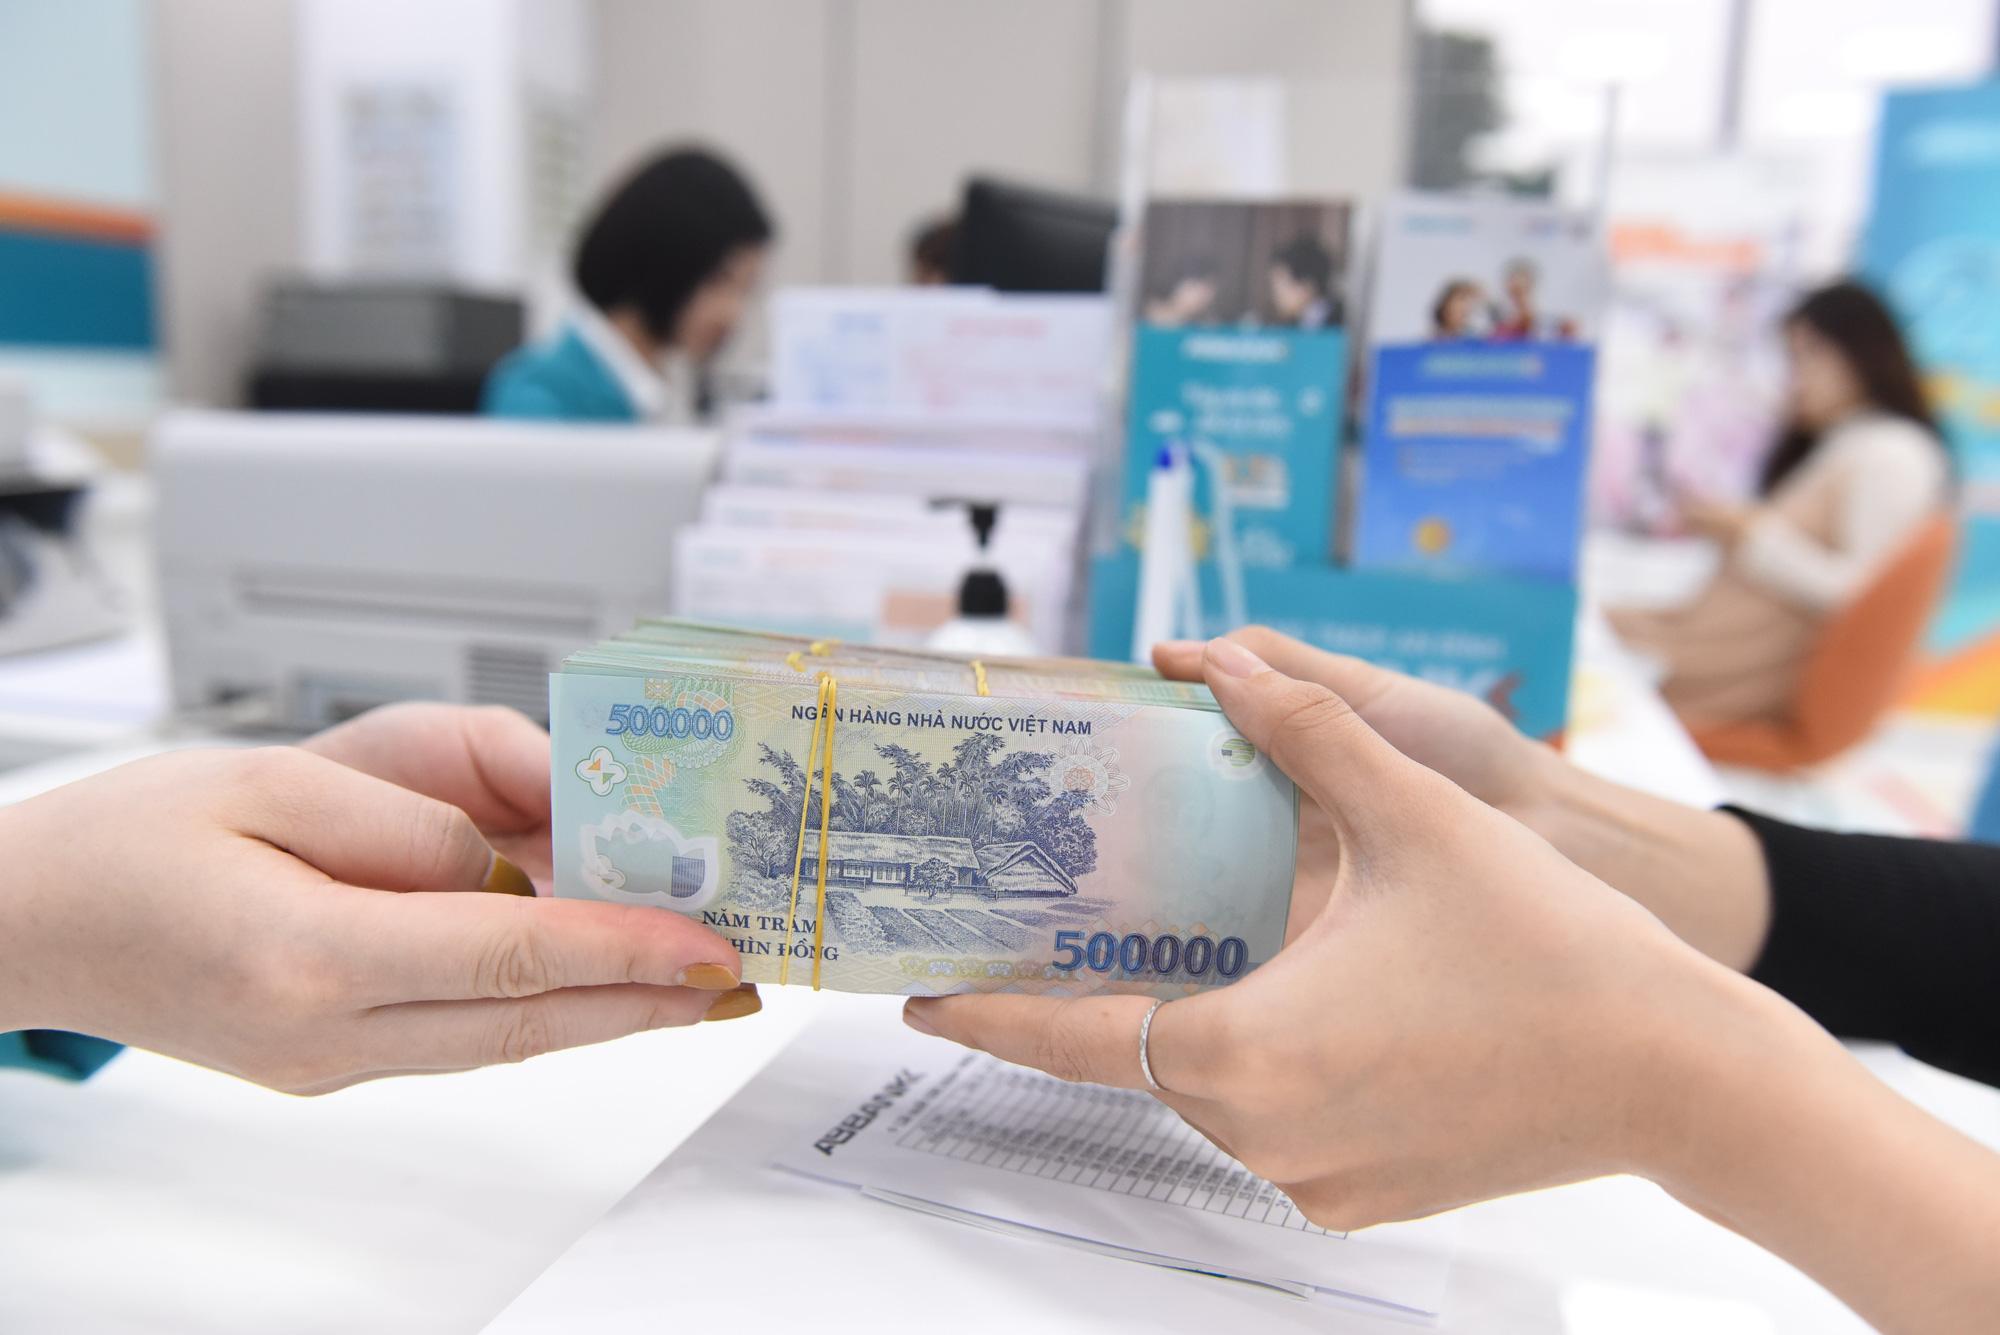 Lãi suất giảm thấp, tiền vẫn chảy vào ngân hàng - Báo Người lao động